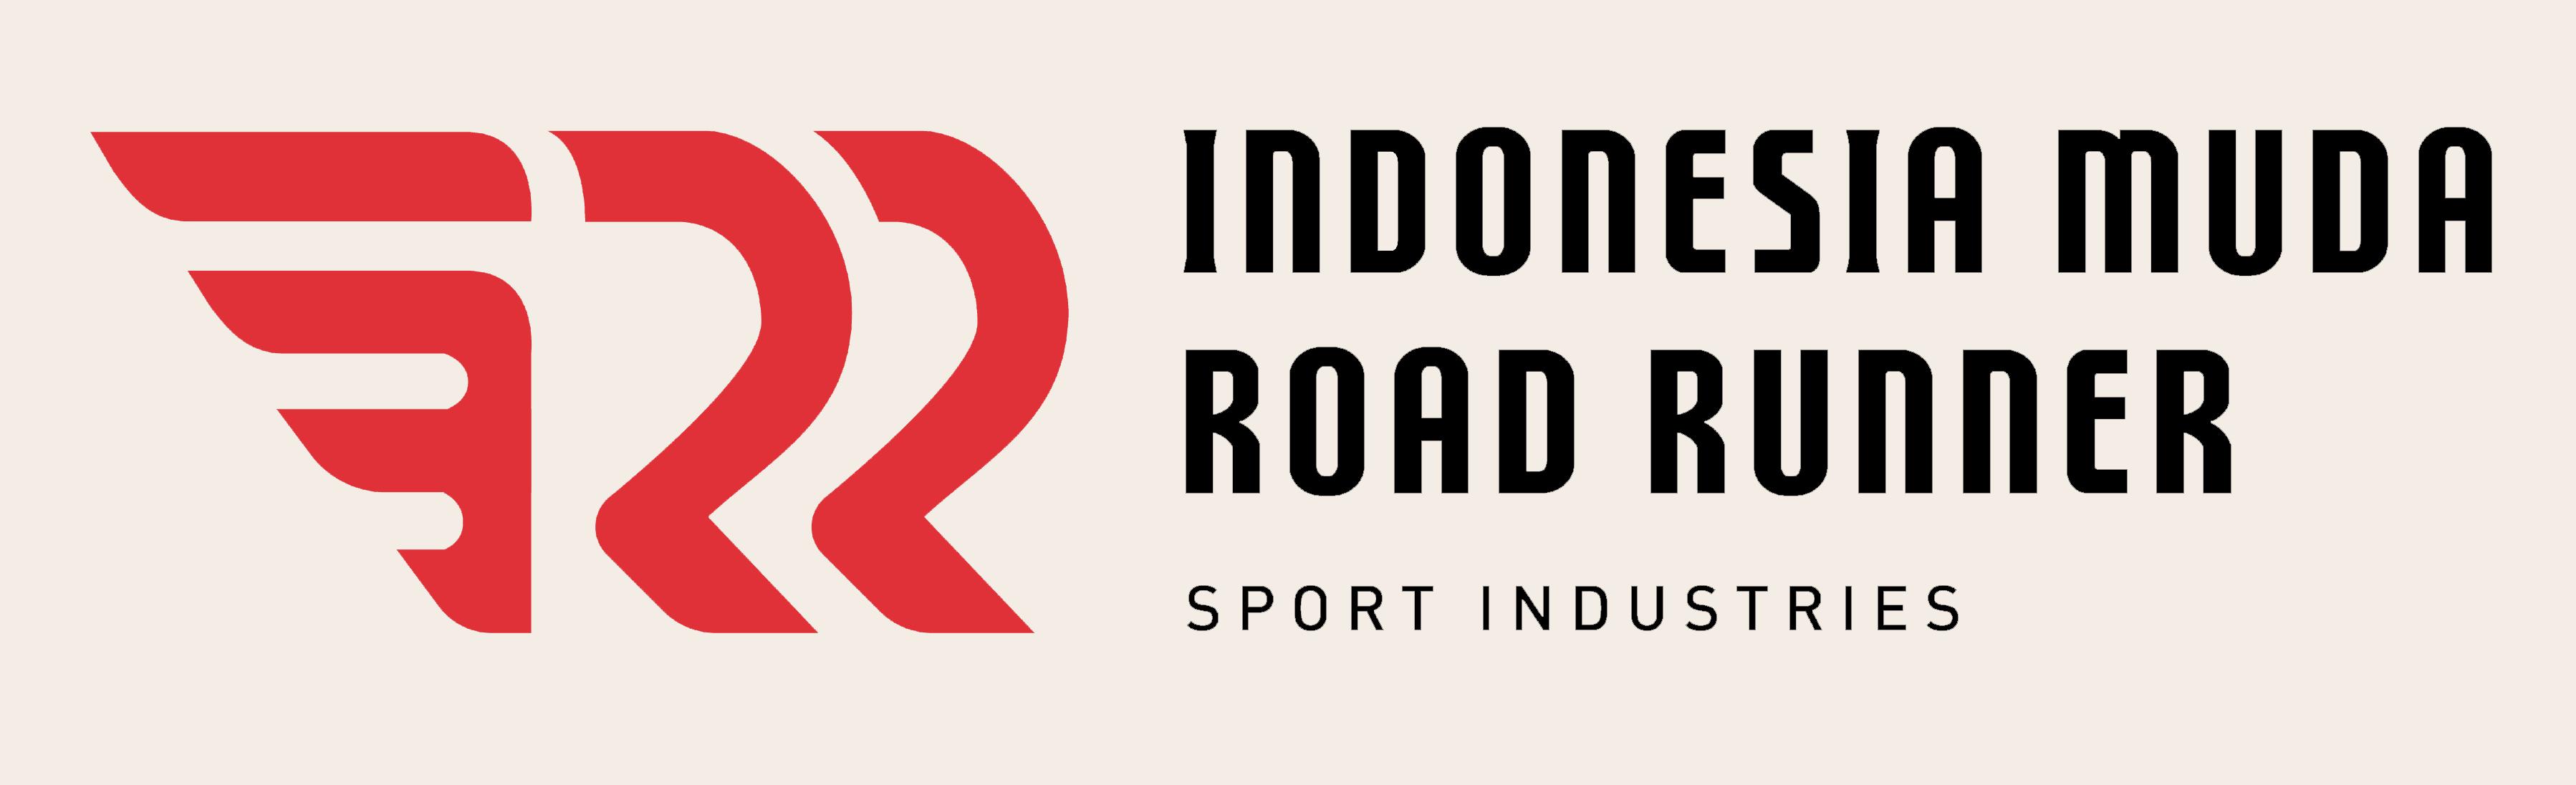 imrr Logo